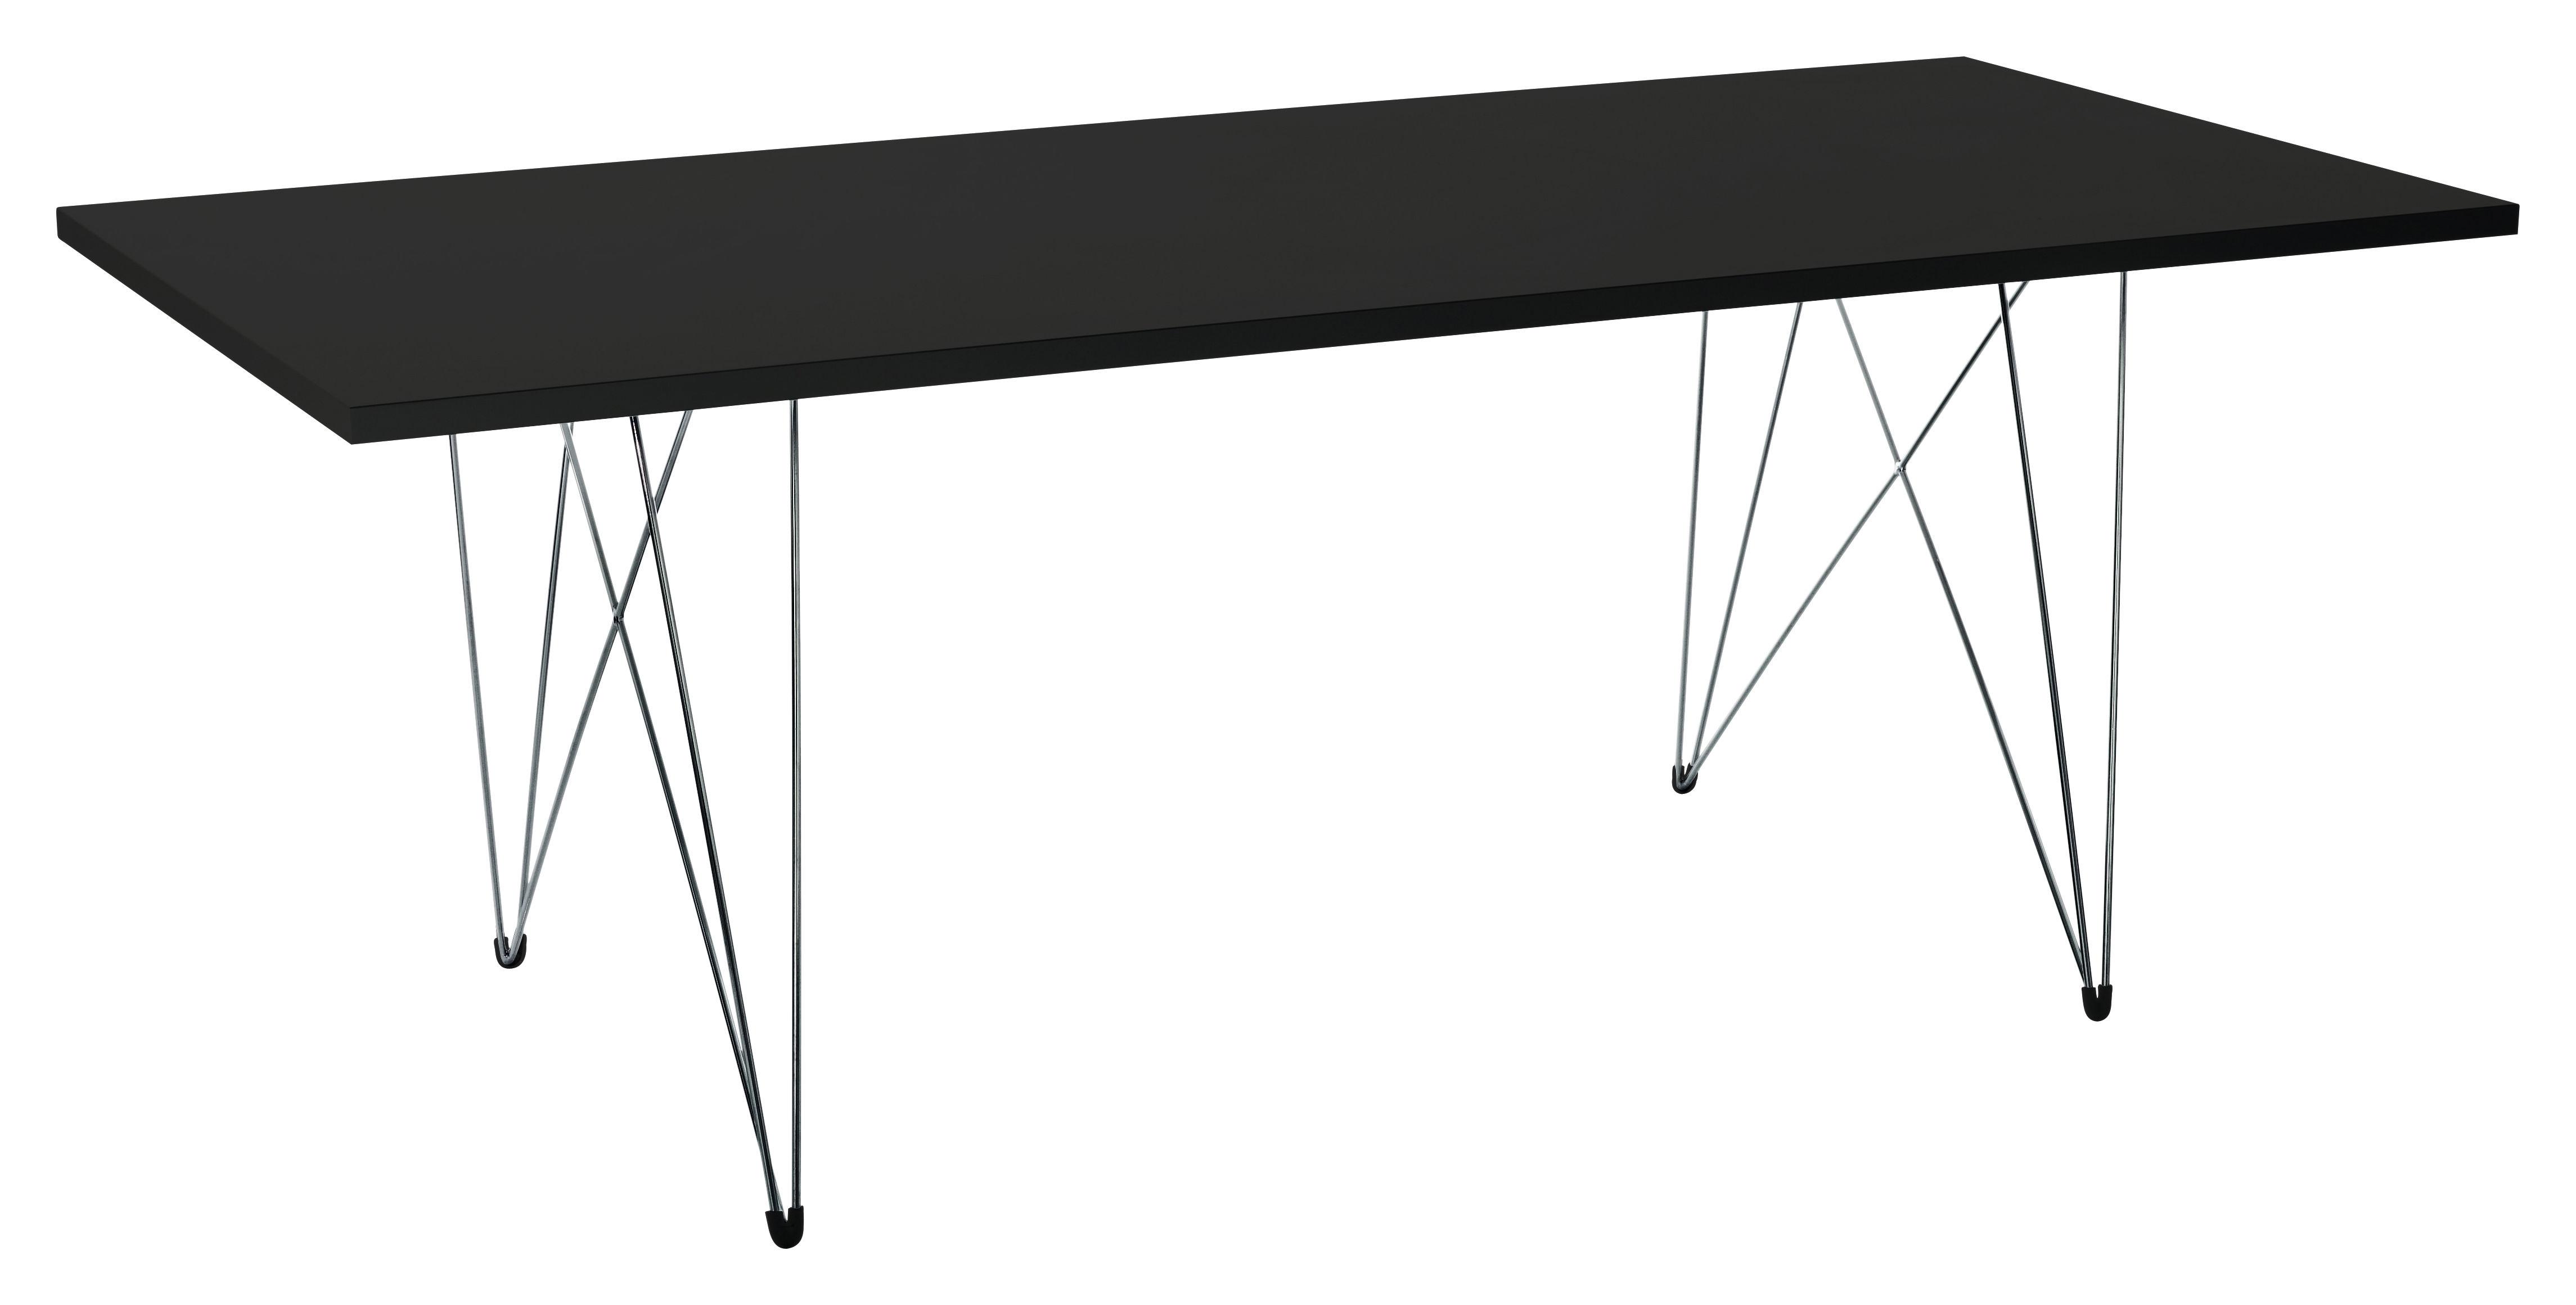 Dossiers - Style industriel - Table XZ3 / 200 x 90 cm - Magis - Noir / Pied noir - Acier, MDF finition polymère